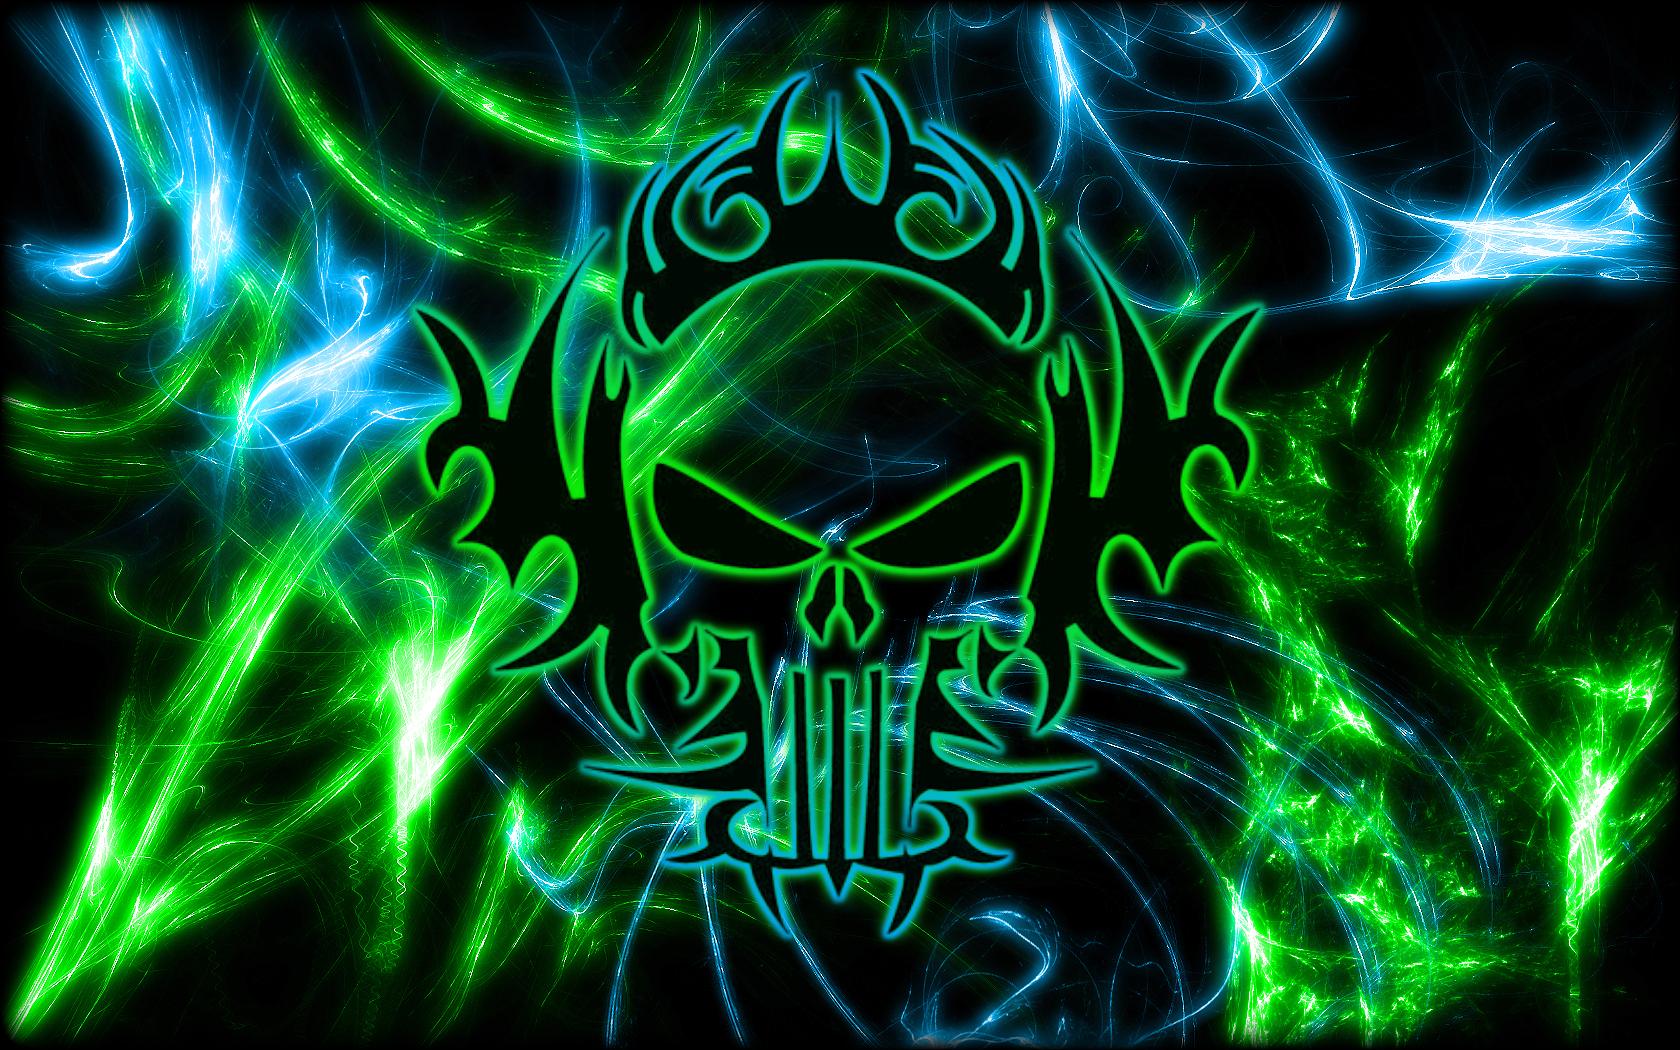 Green Skull Wallpaper 1680x1050